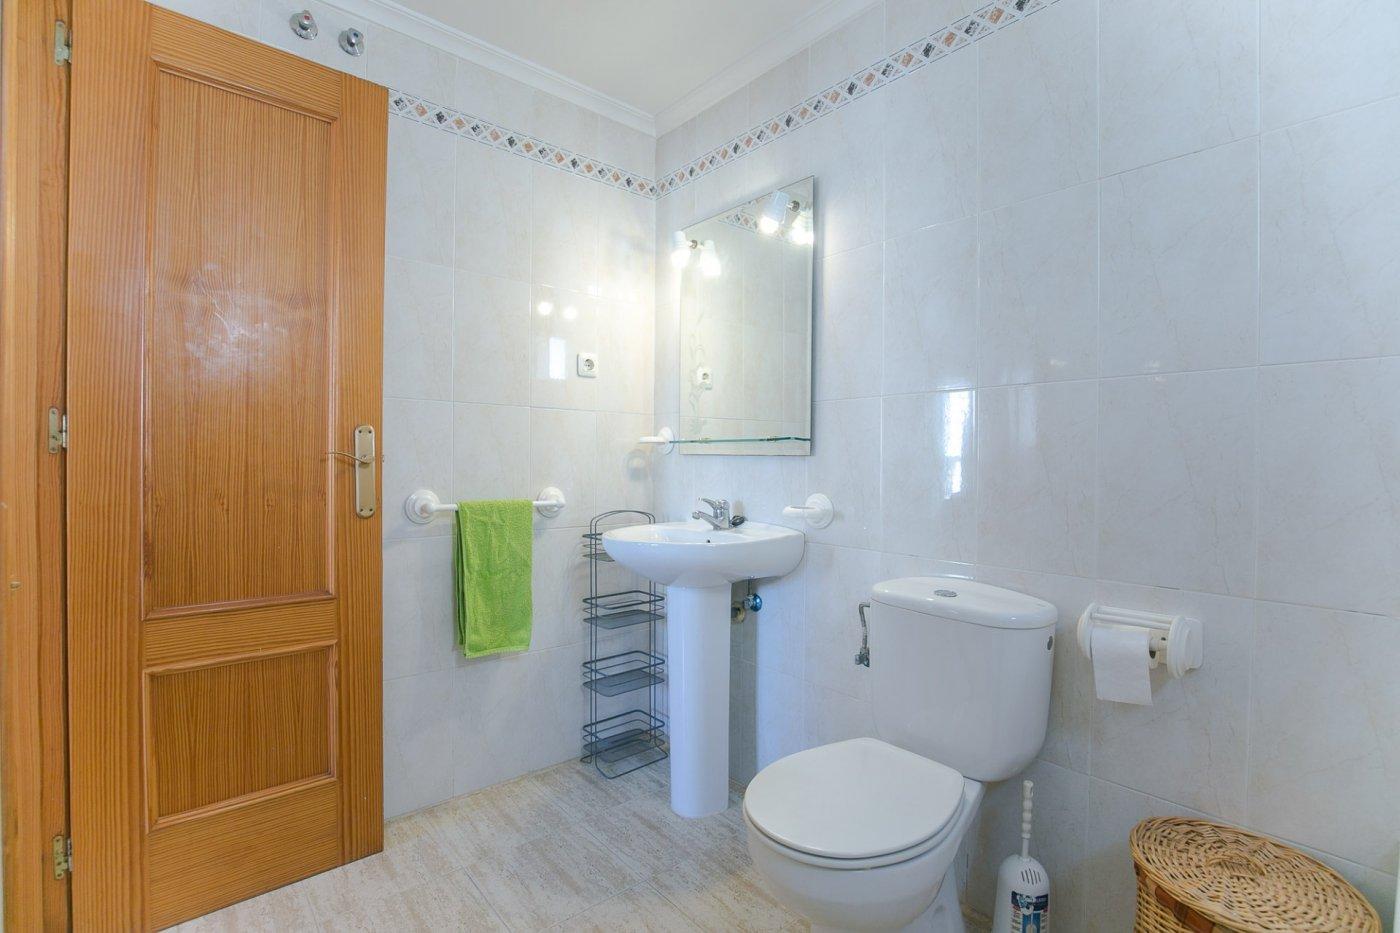 Apartamento · Arenales Del Sol · Avenida Costa Blanca 94.000€€